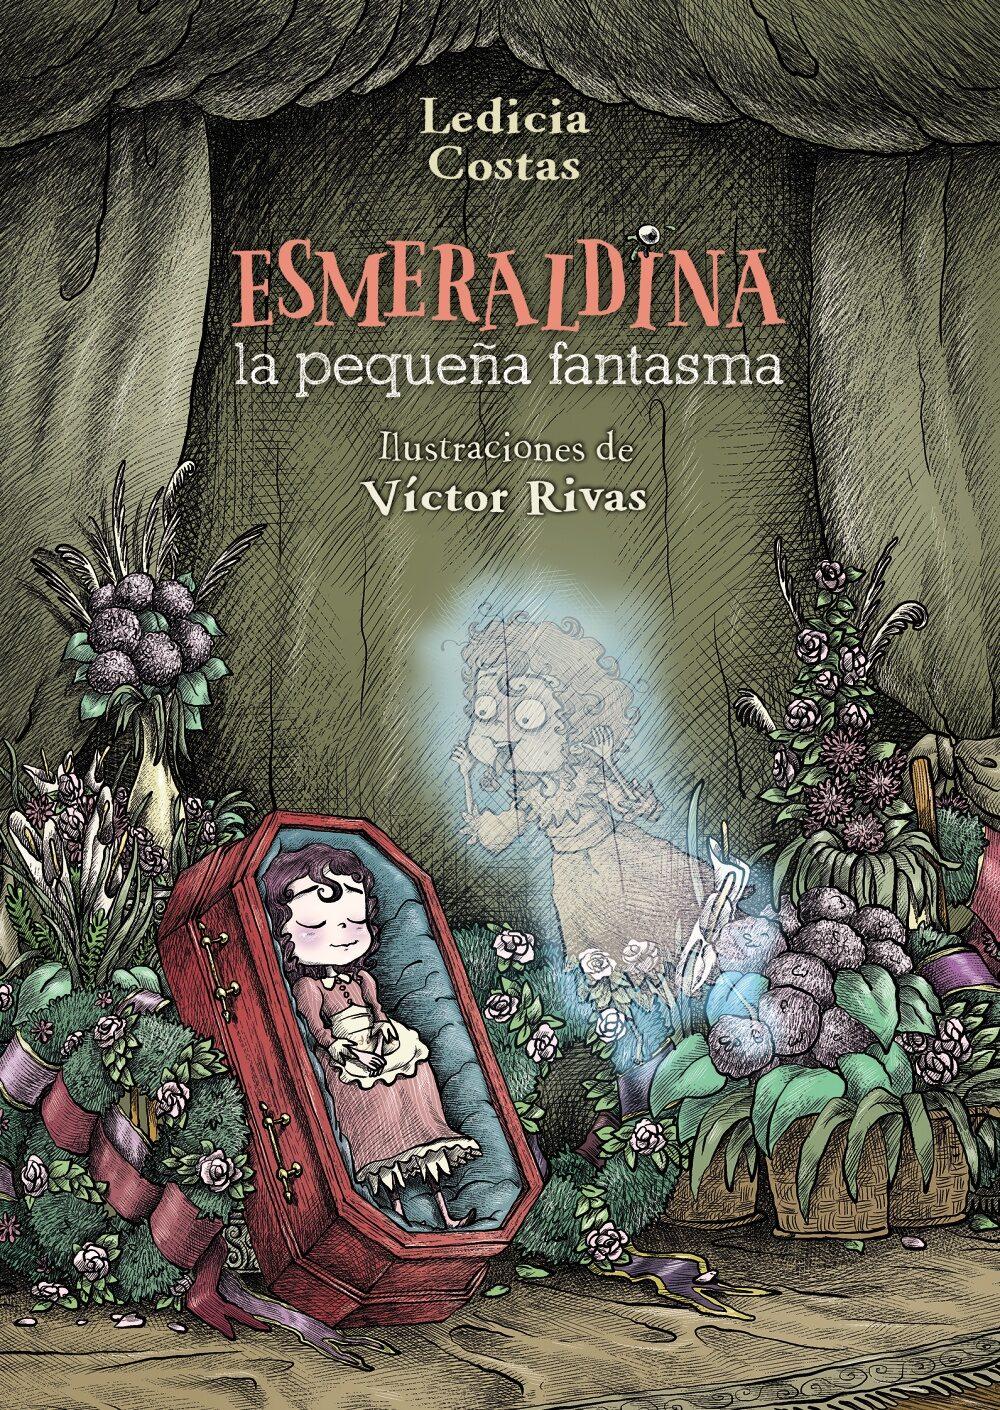 Esmeraldina La Pequeña Fantasma - Costas Ledicia